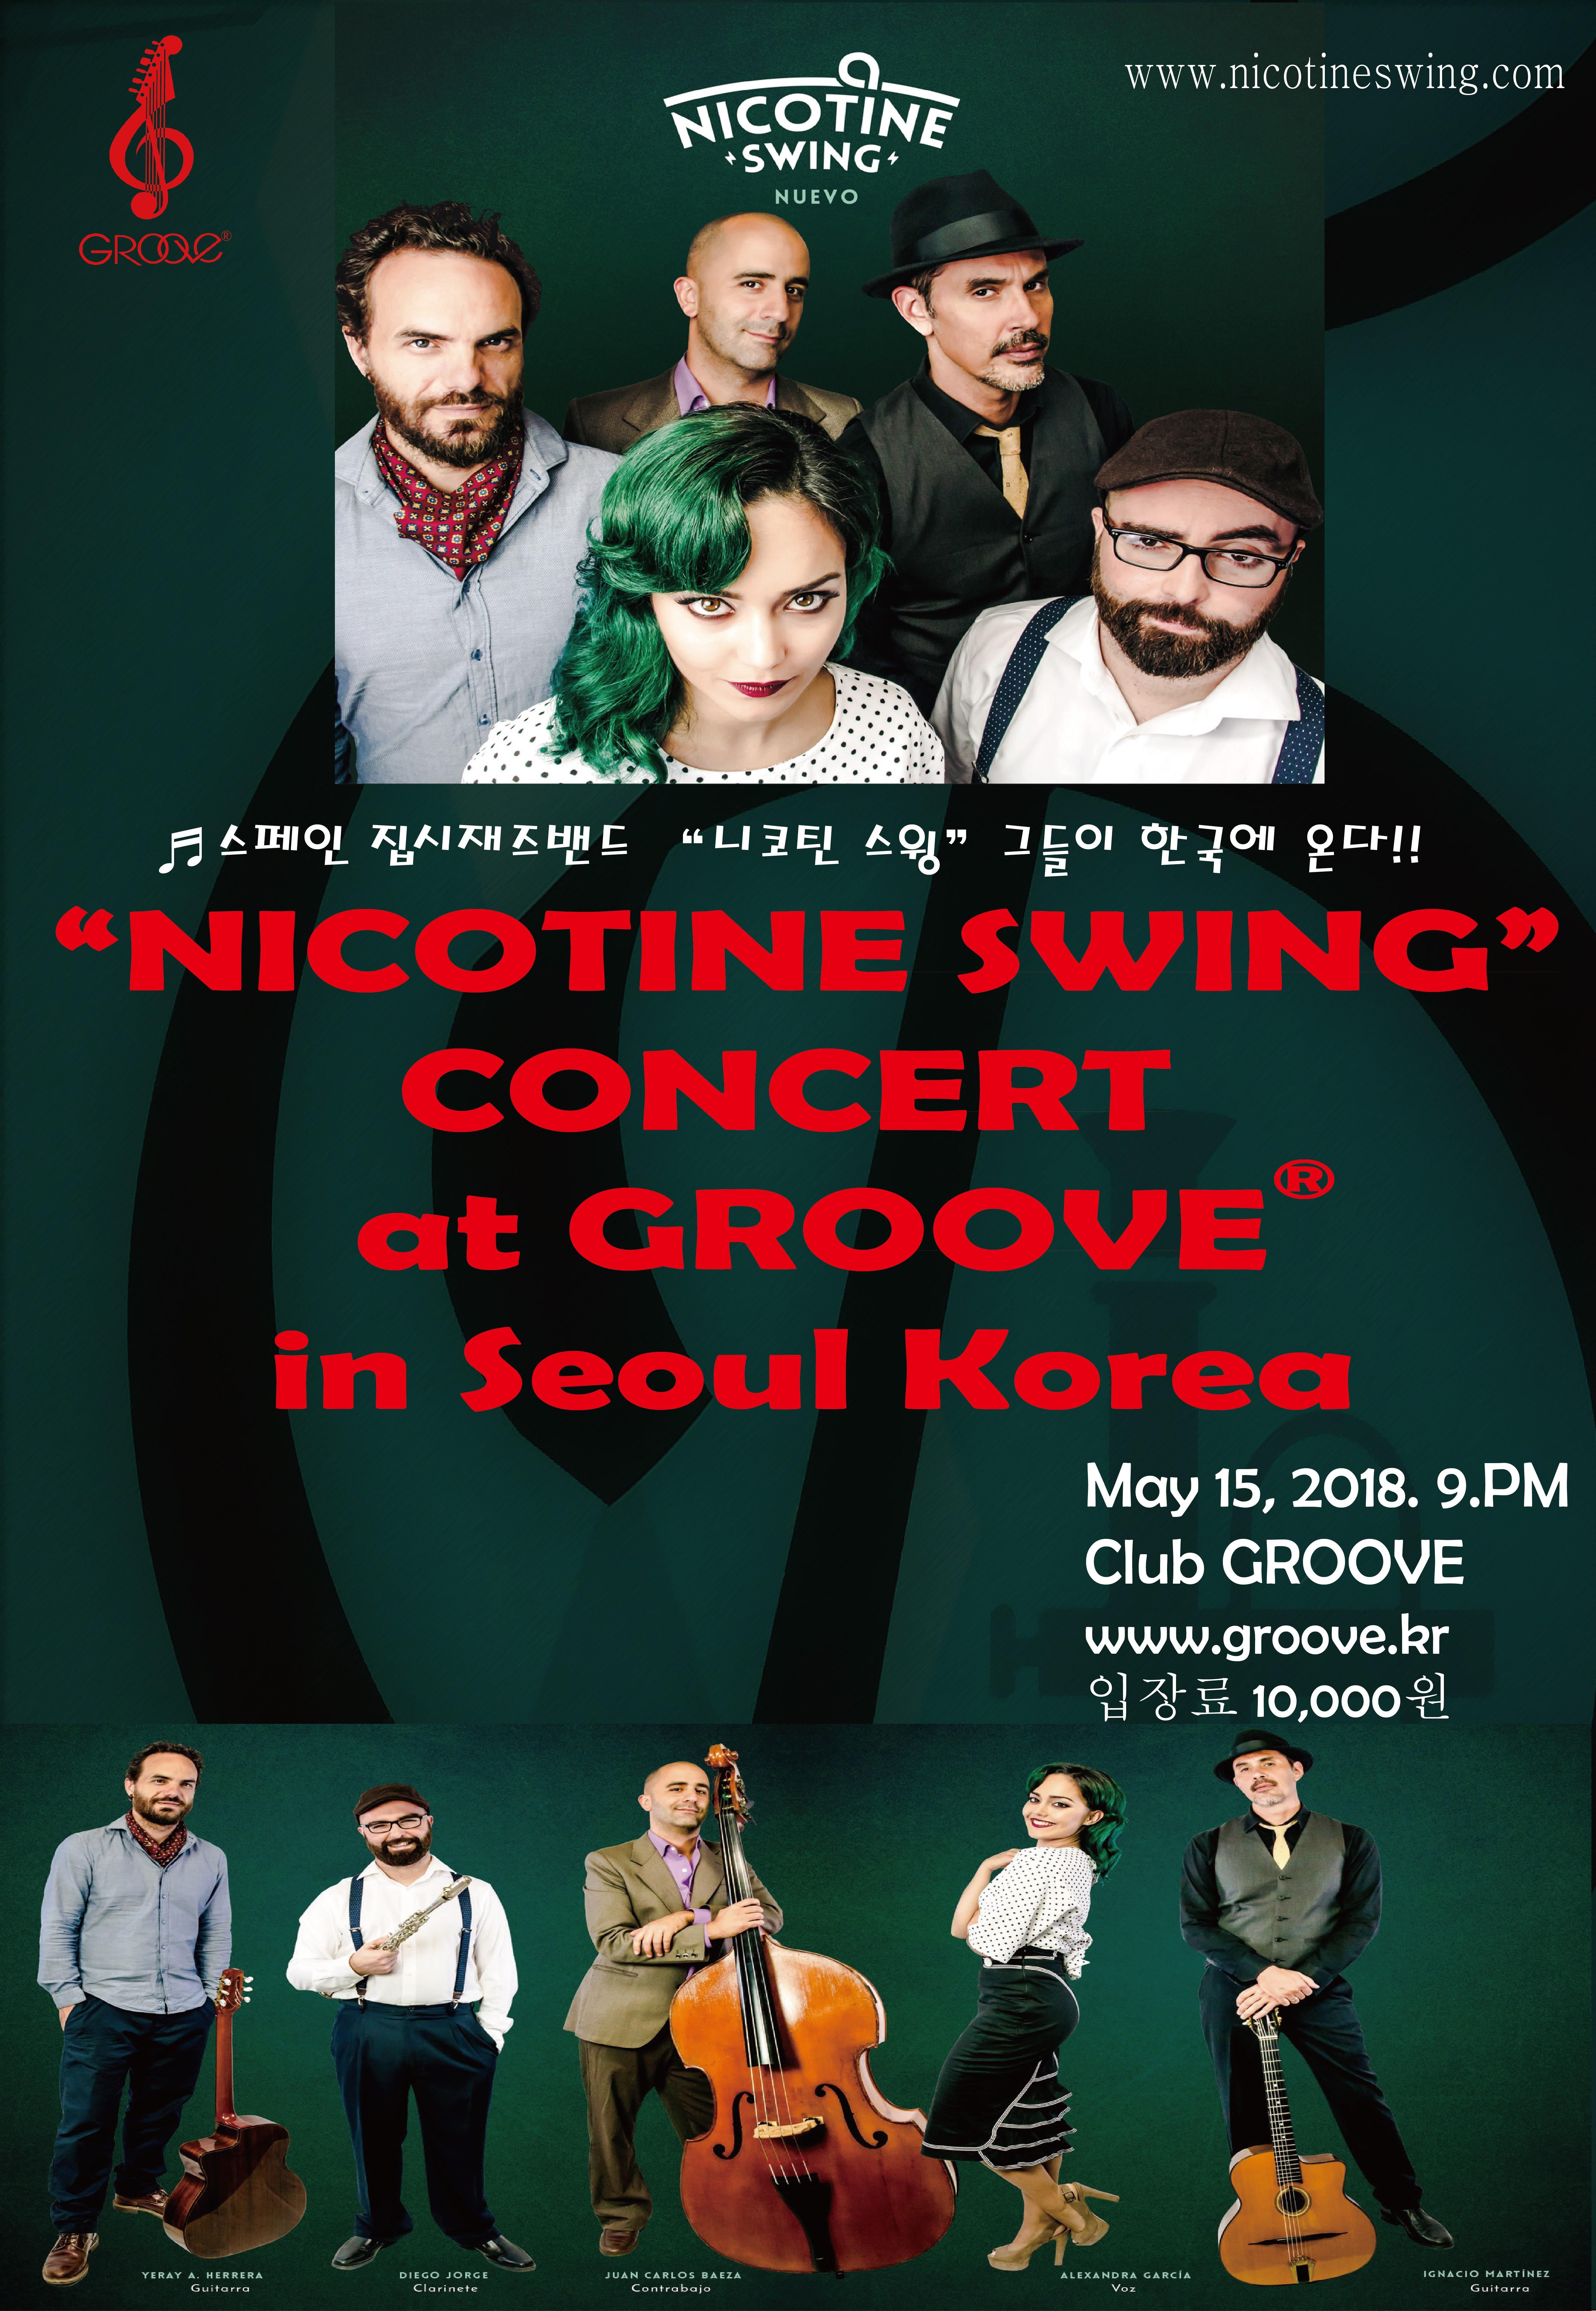 Nicotine Swing